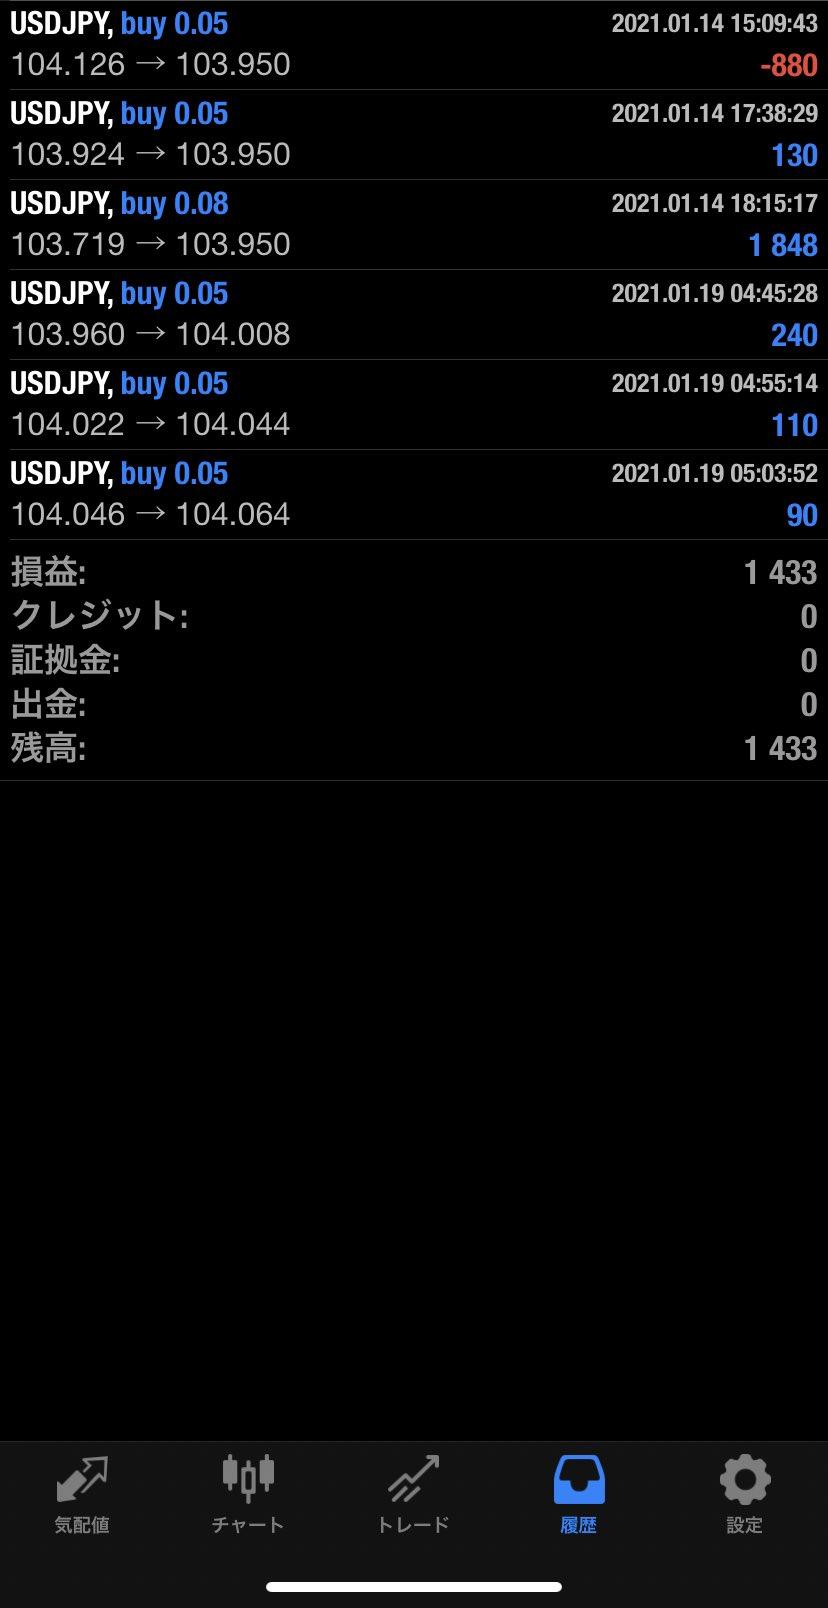 2021年1月19日 USD/JPYバージョン1,433円